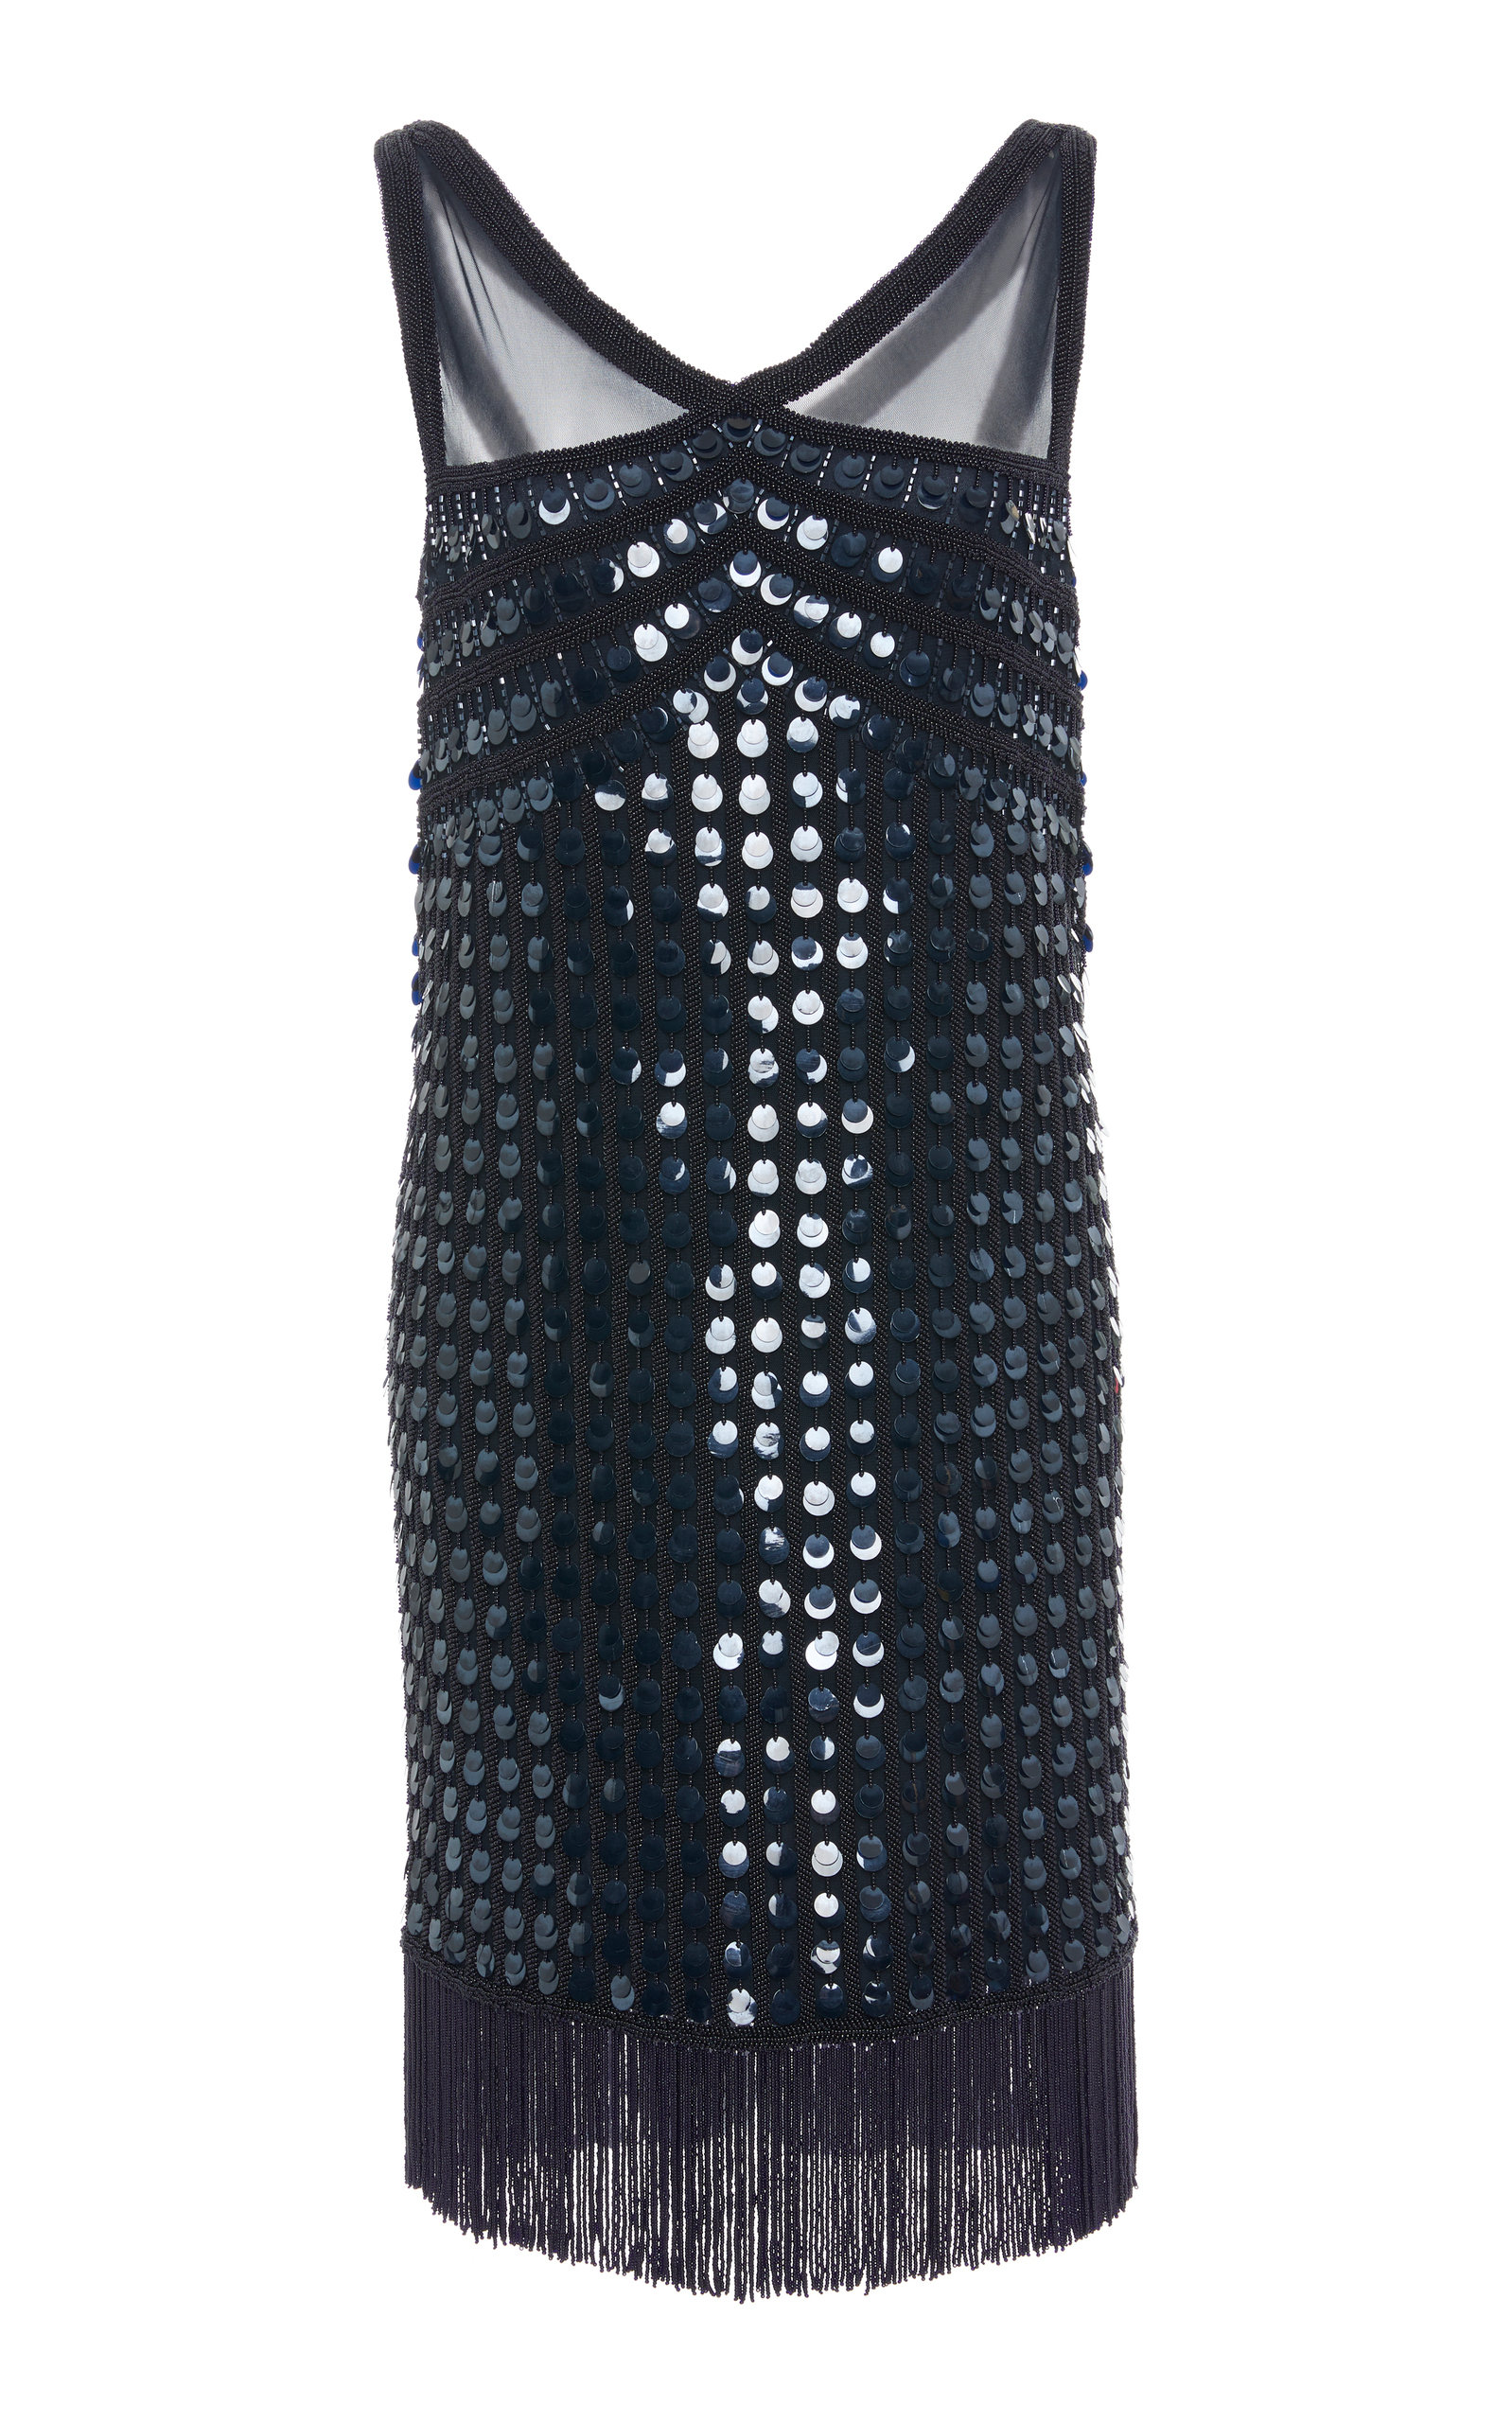 JOANNA MASTROIANNI V-NECK FLAPPER DRESS